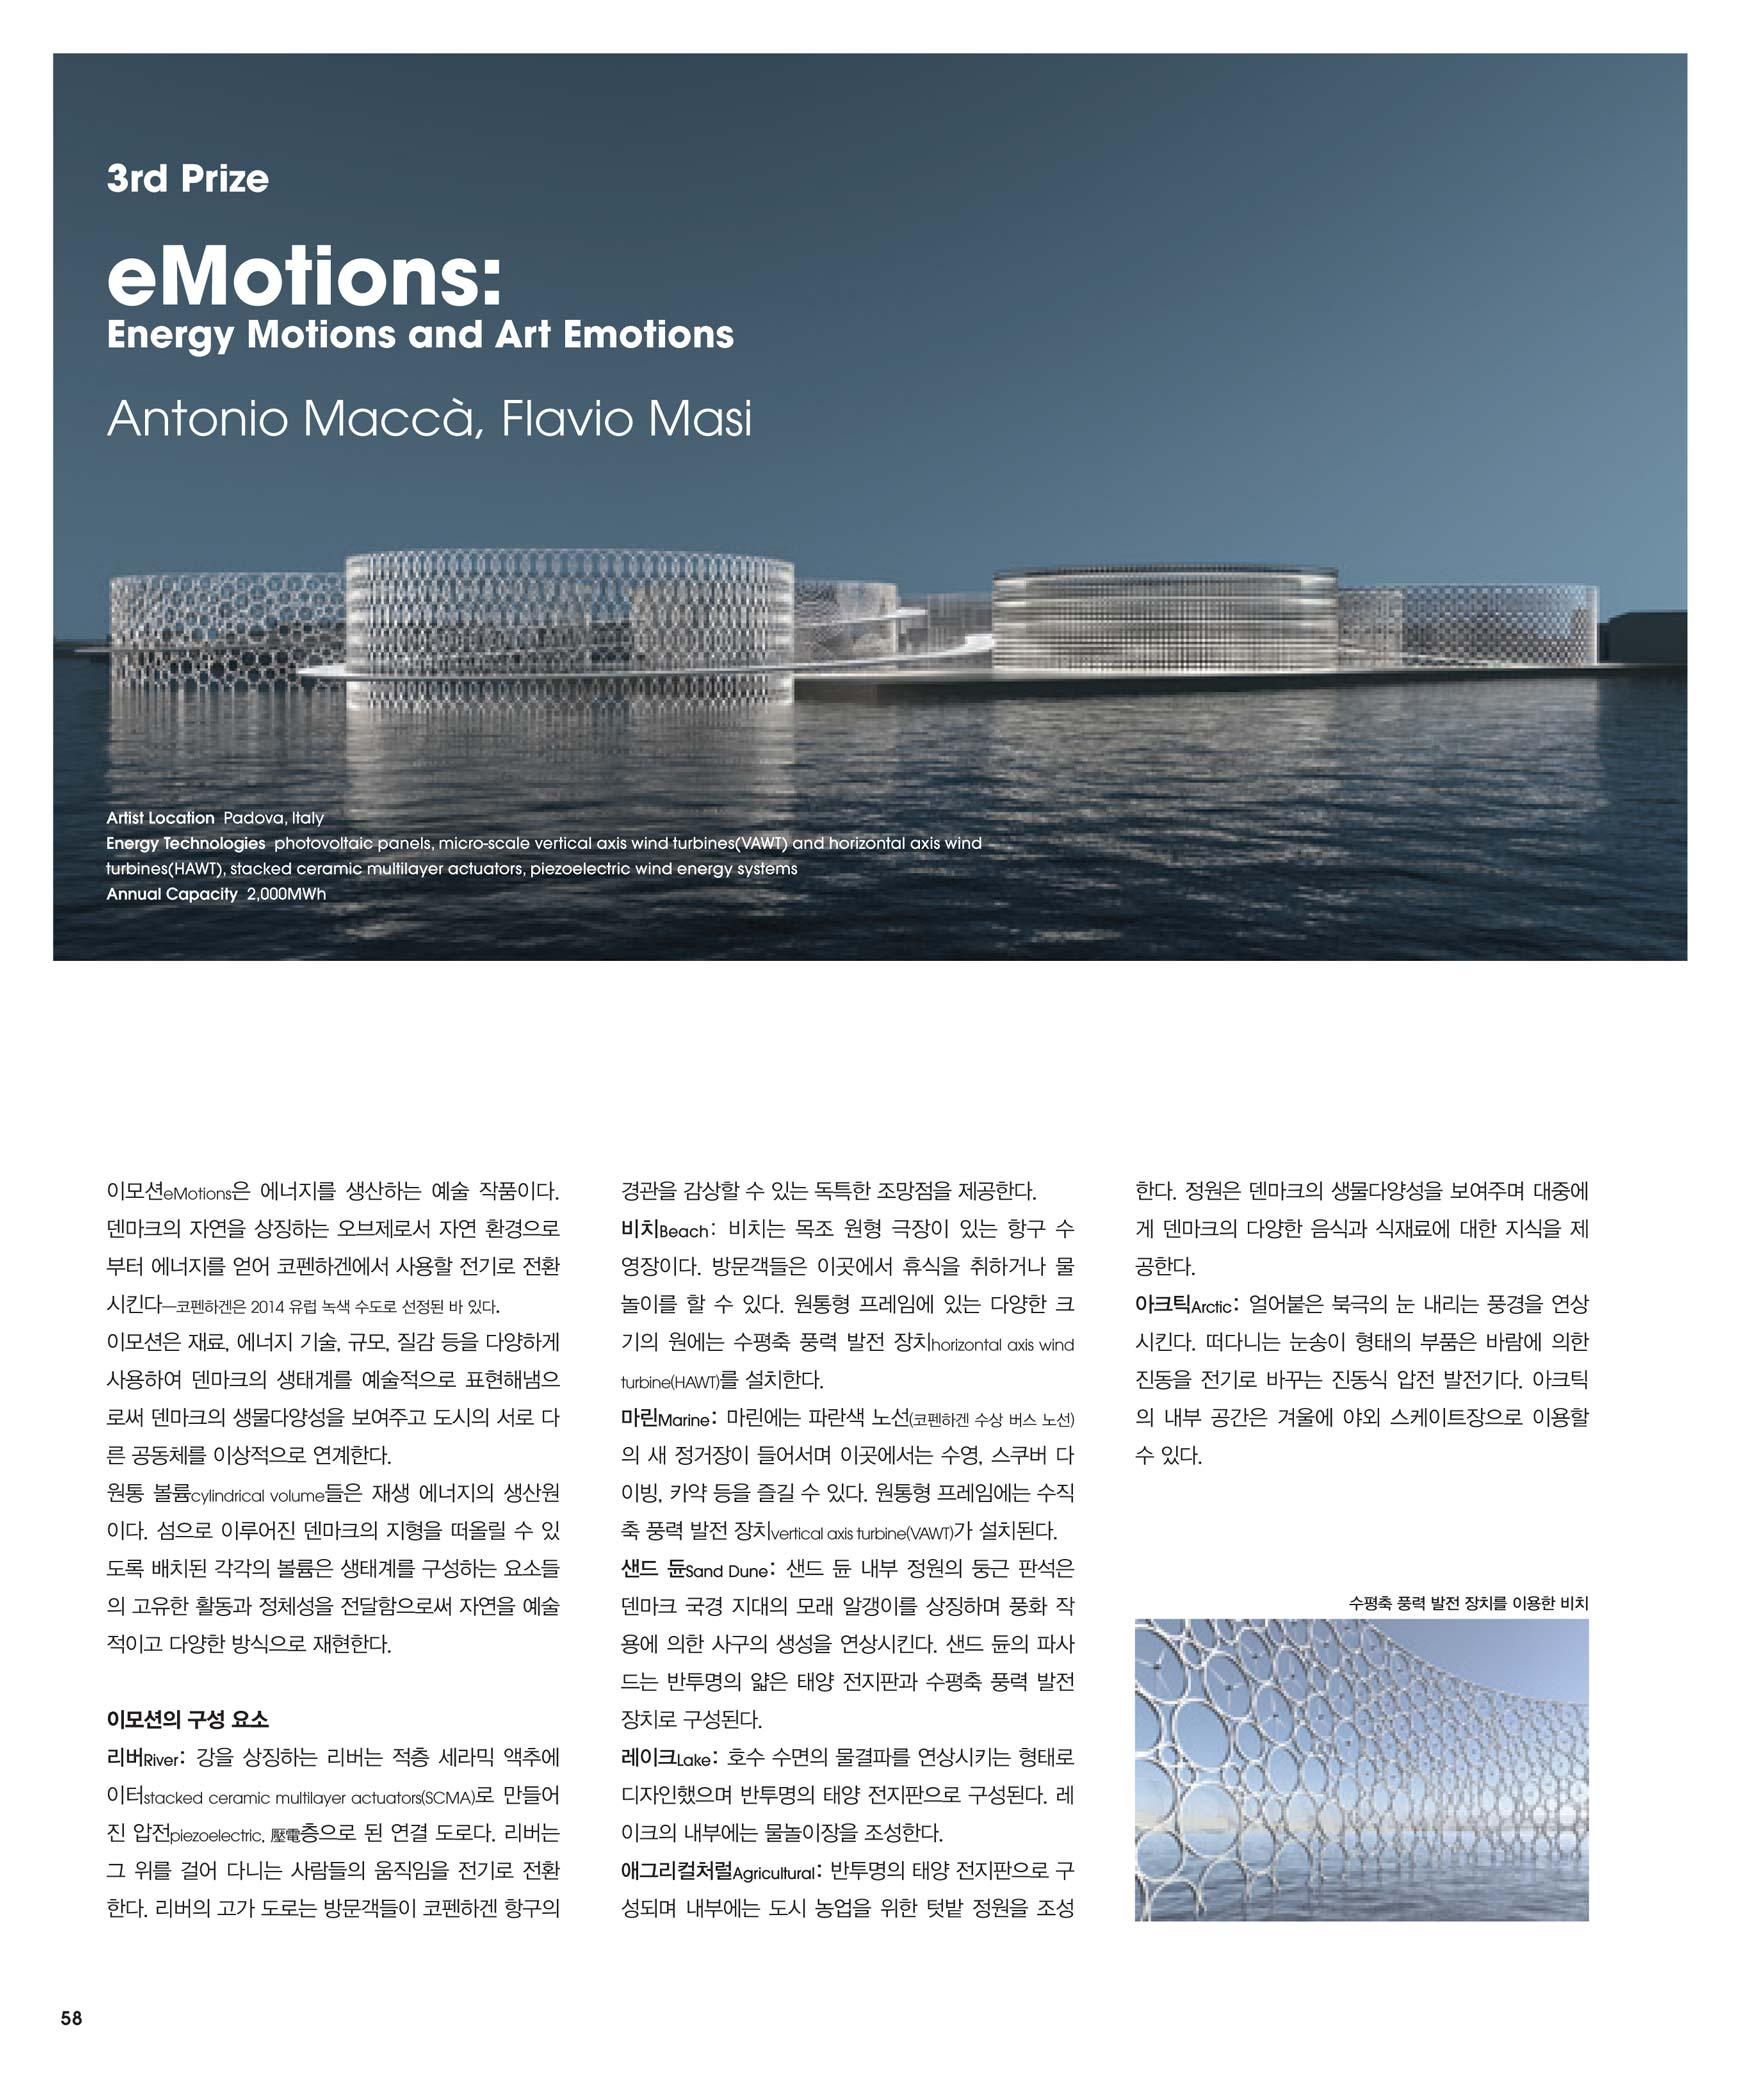 eMotions, Antonio Maccà